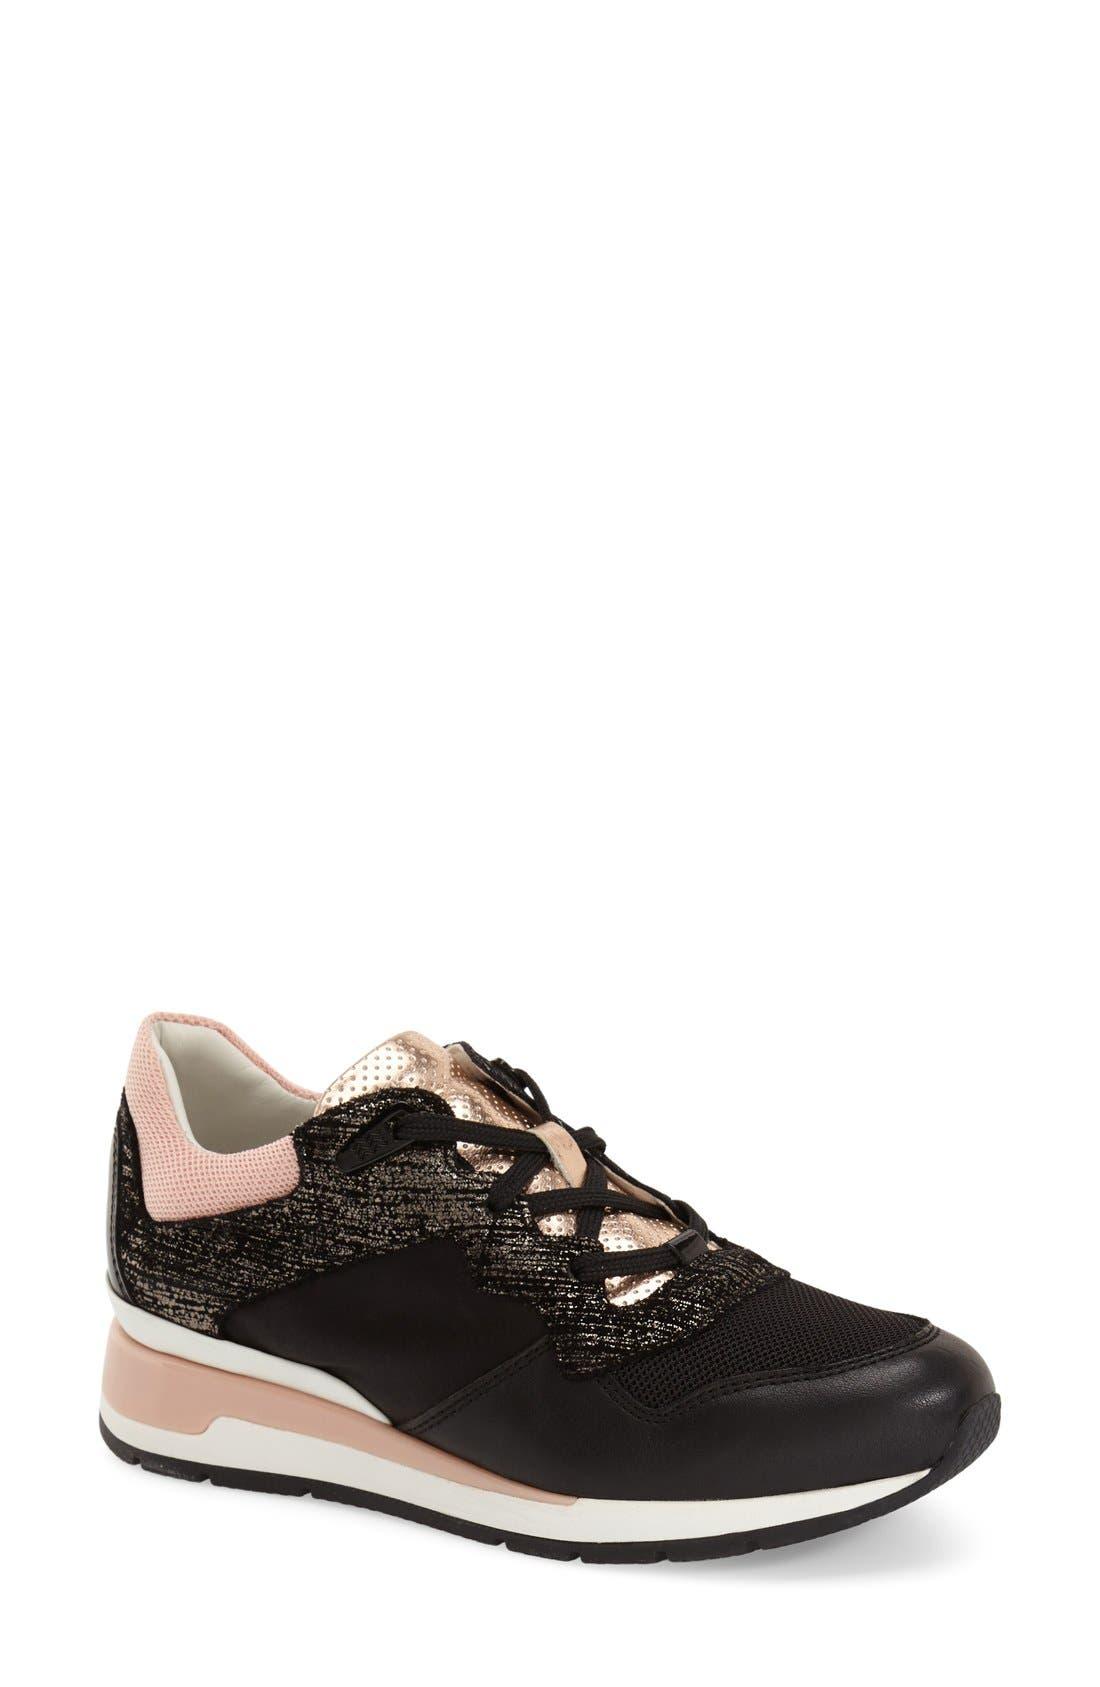 Geox 'Shahira' Sneaker (Women)   Nordstrom